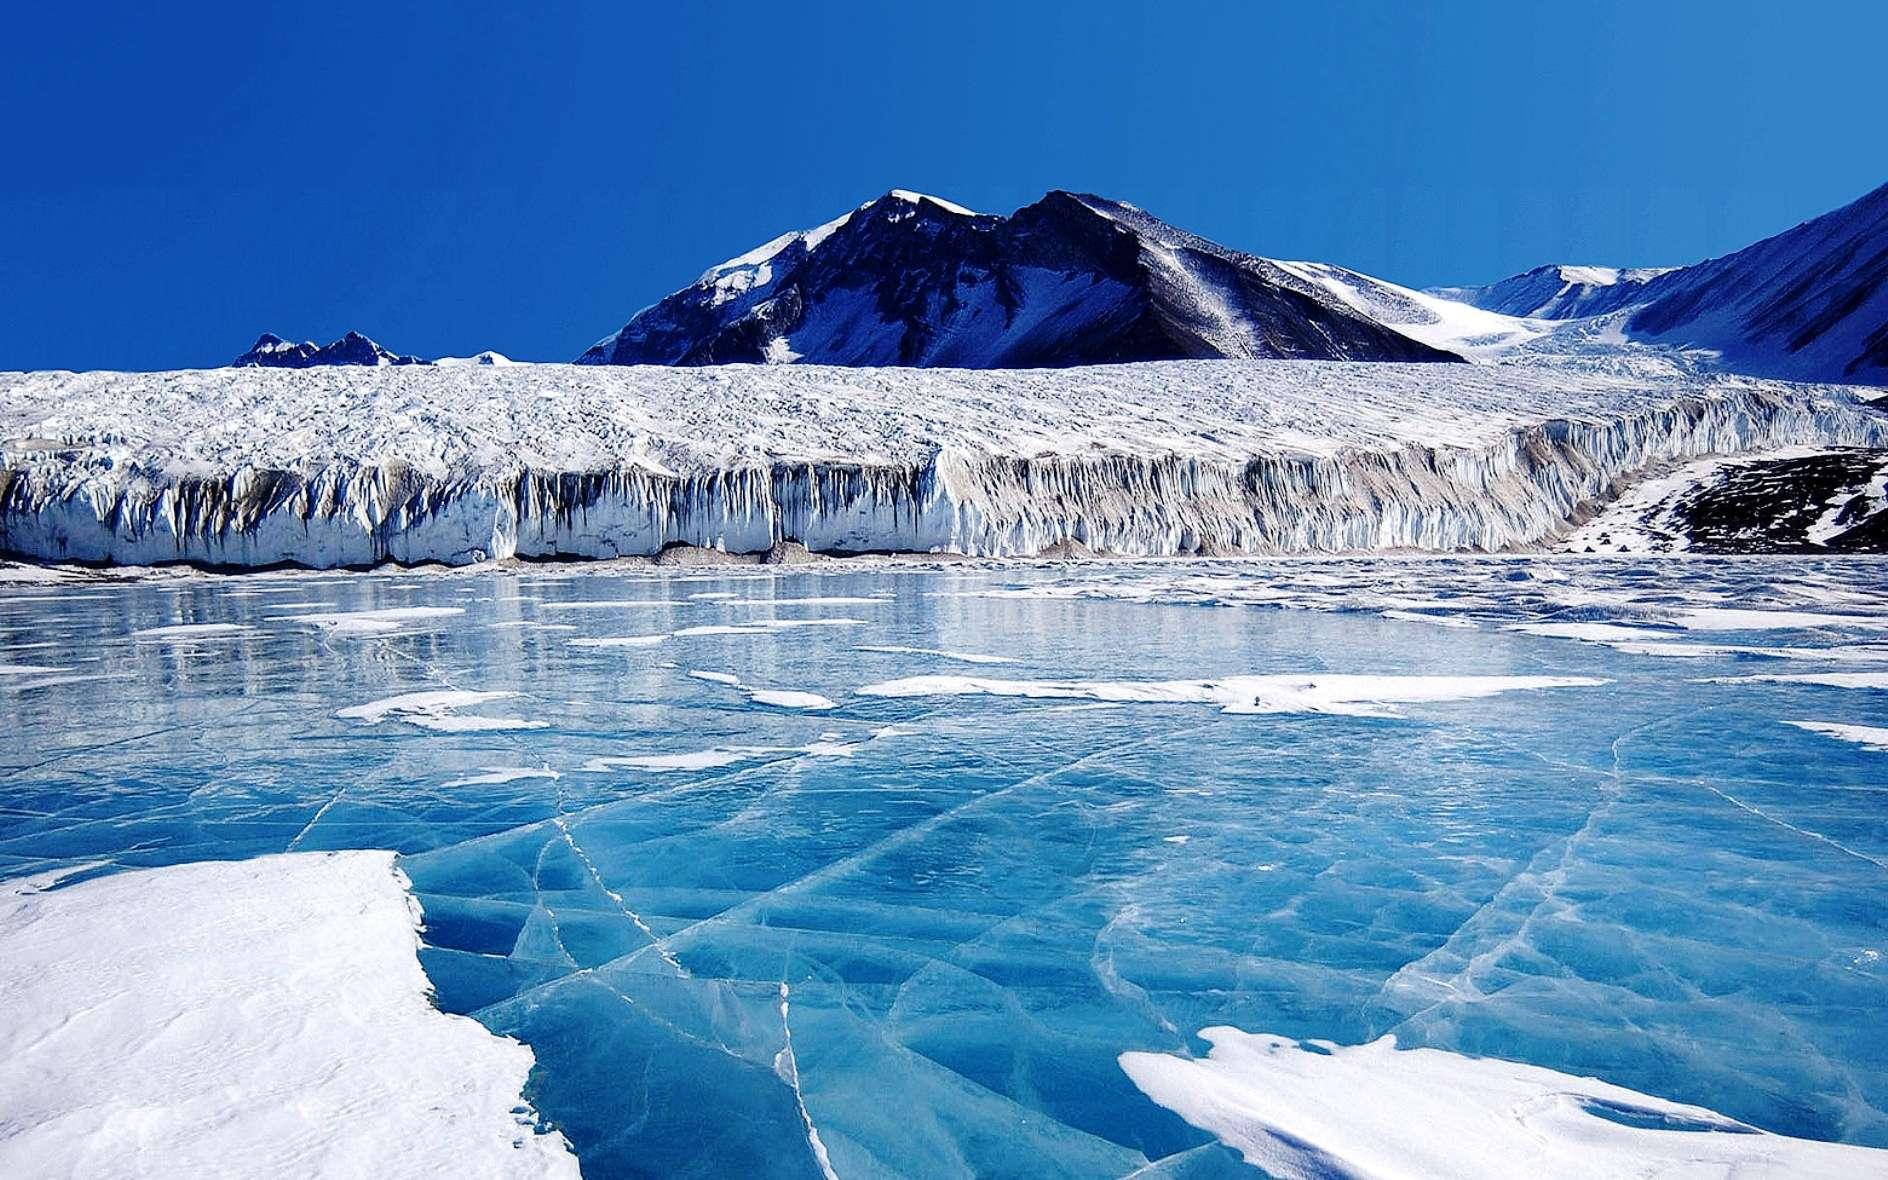 Sous la glace de l'Antarctique, dans une eau à -1°C et presque sans lumière se maintiennent des écosystèmes d'une étonnante biodiversité. © Wikipédia, DP